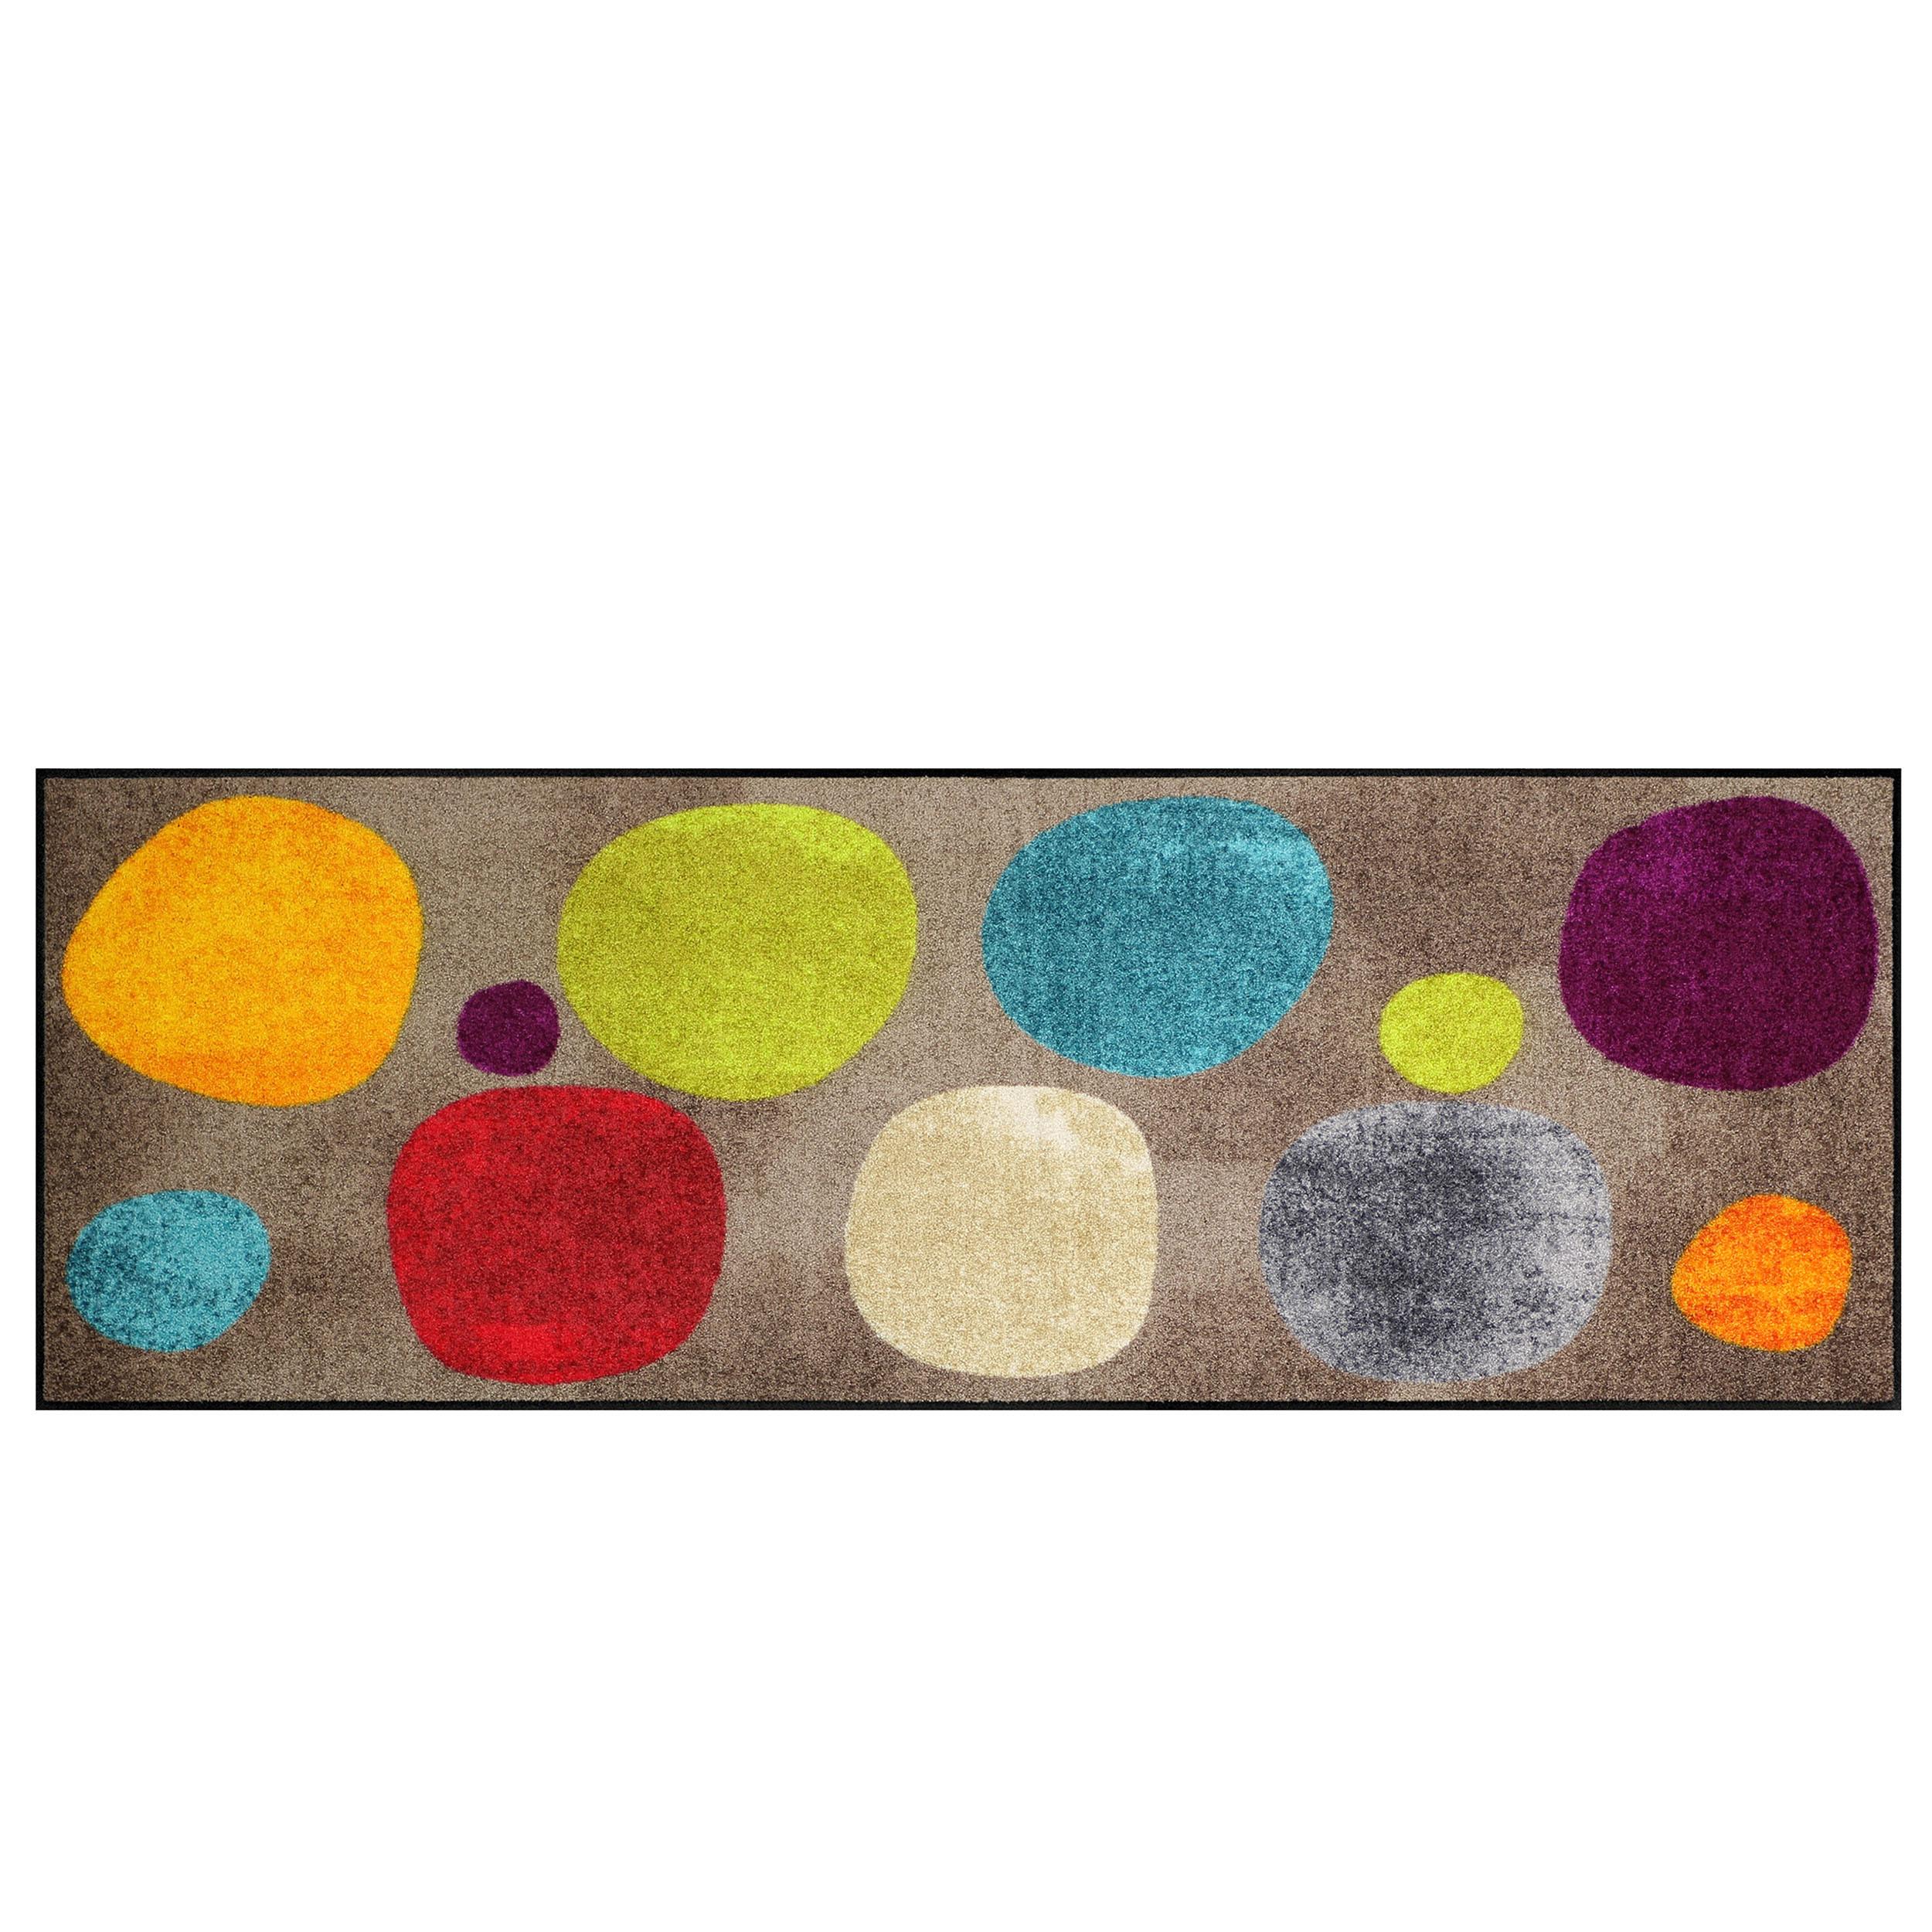 Broken Dots Sauberlaufmatte Und Badteppich 180x60 Braun Bunt